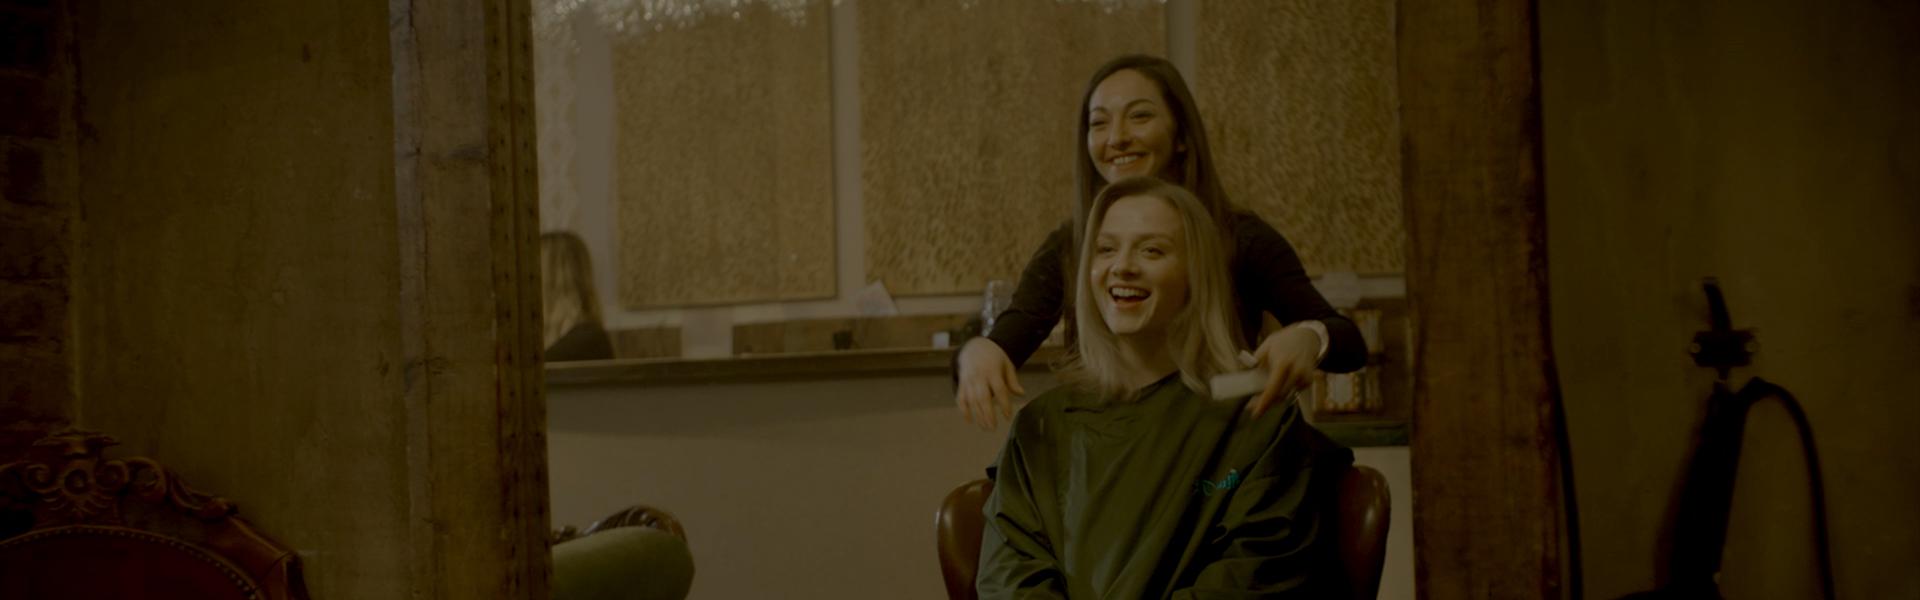 Kaksi naista parturi-kampaamossa